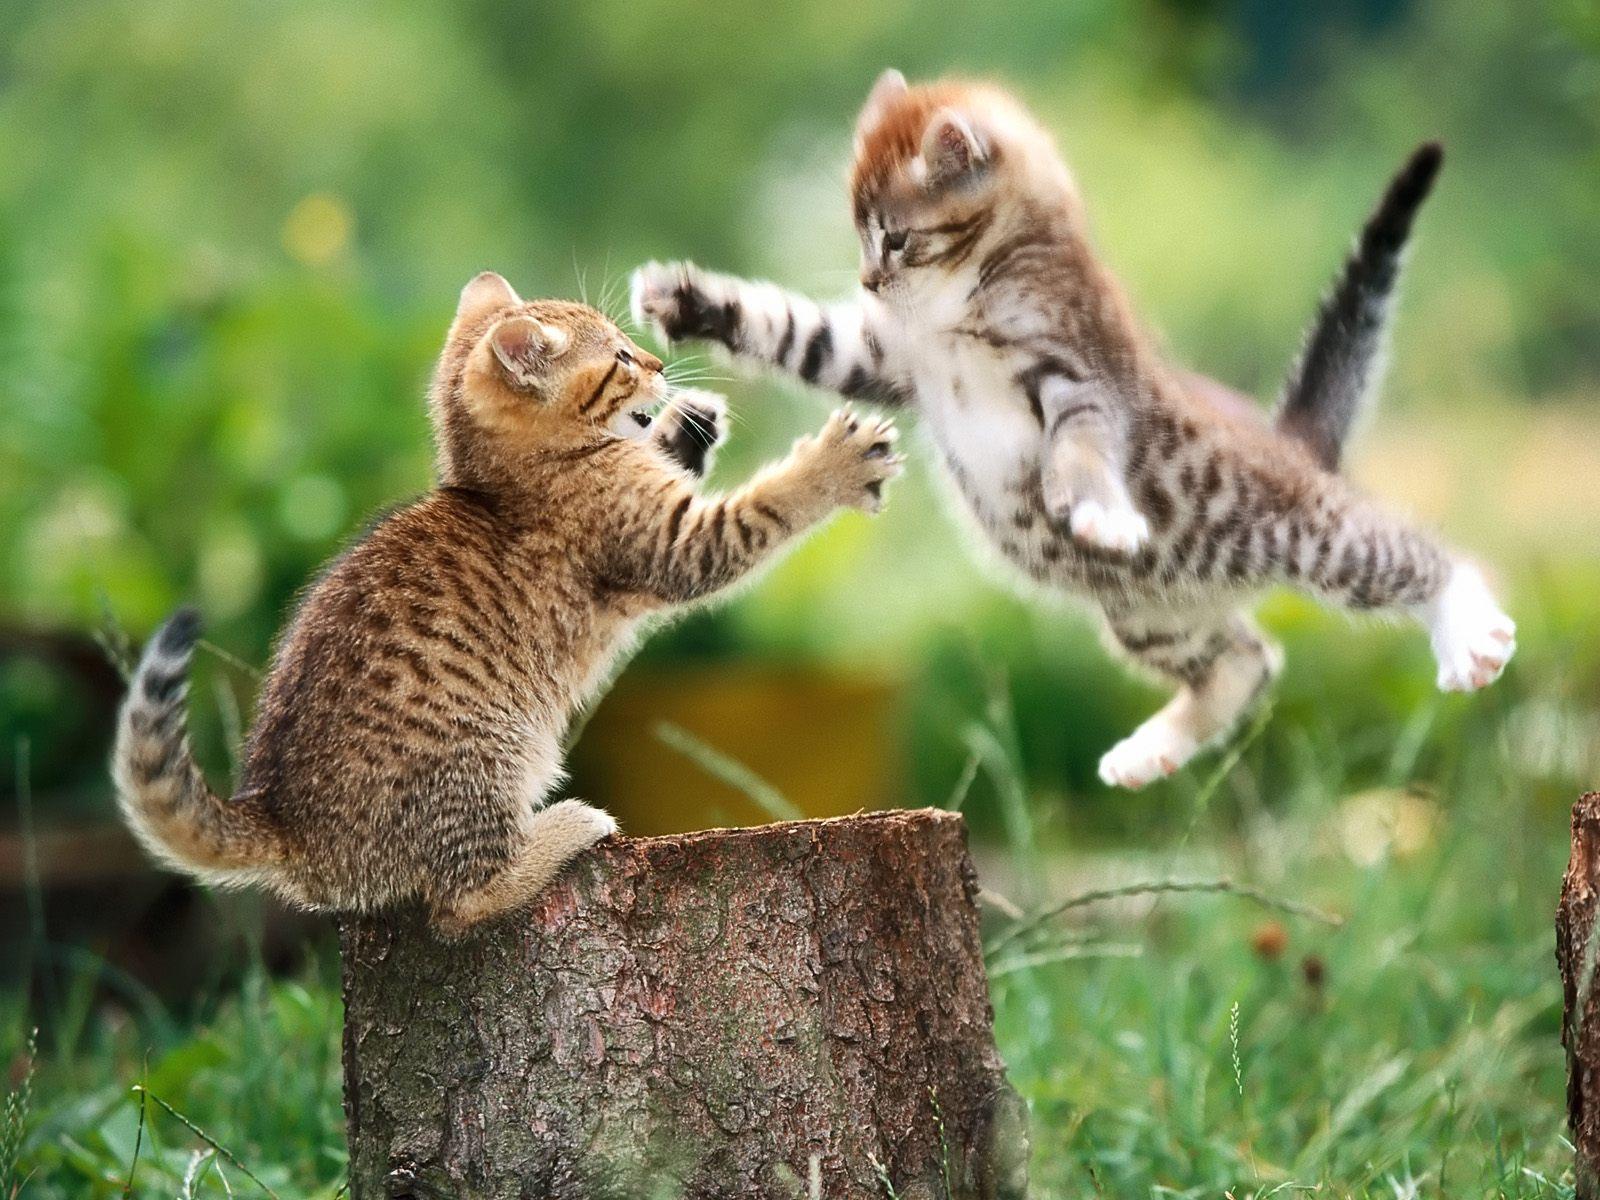 Wallpaper Dua Anak Kucing Lucu Sedang Bertengkar Satwa